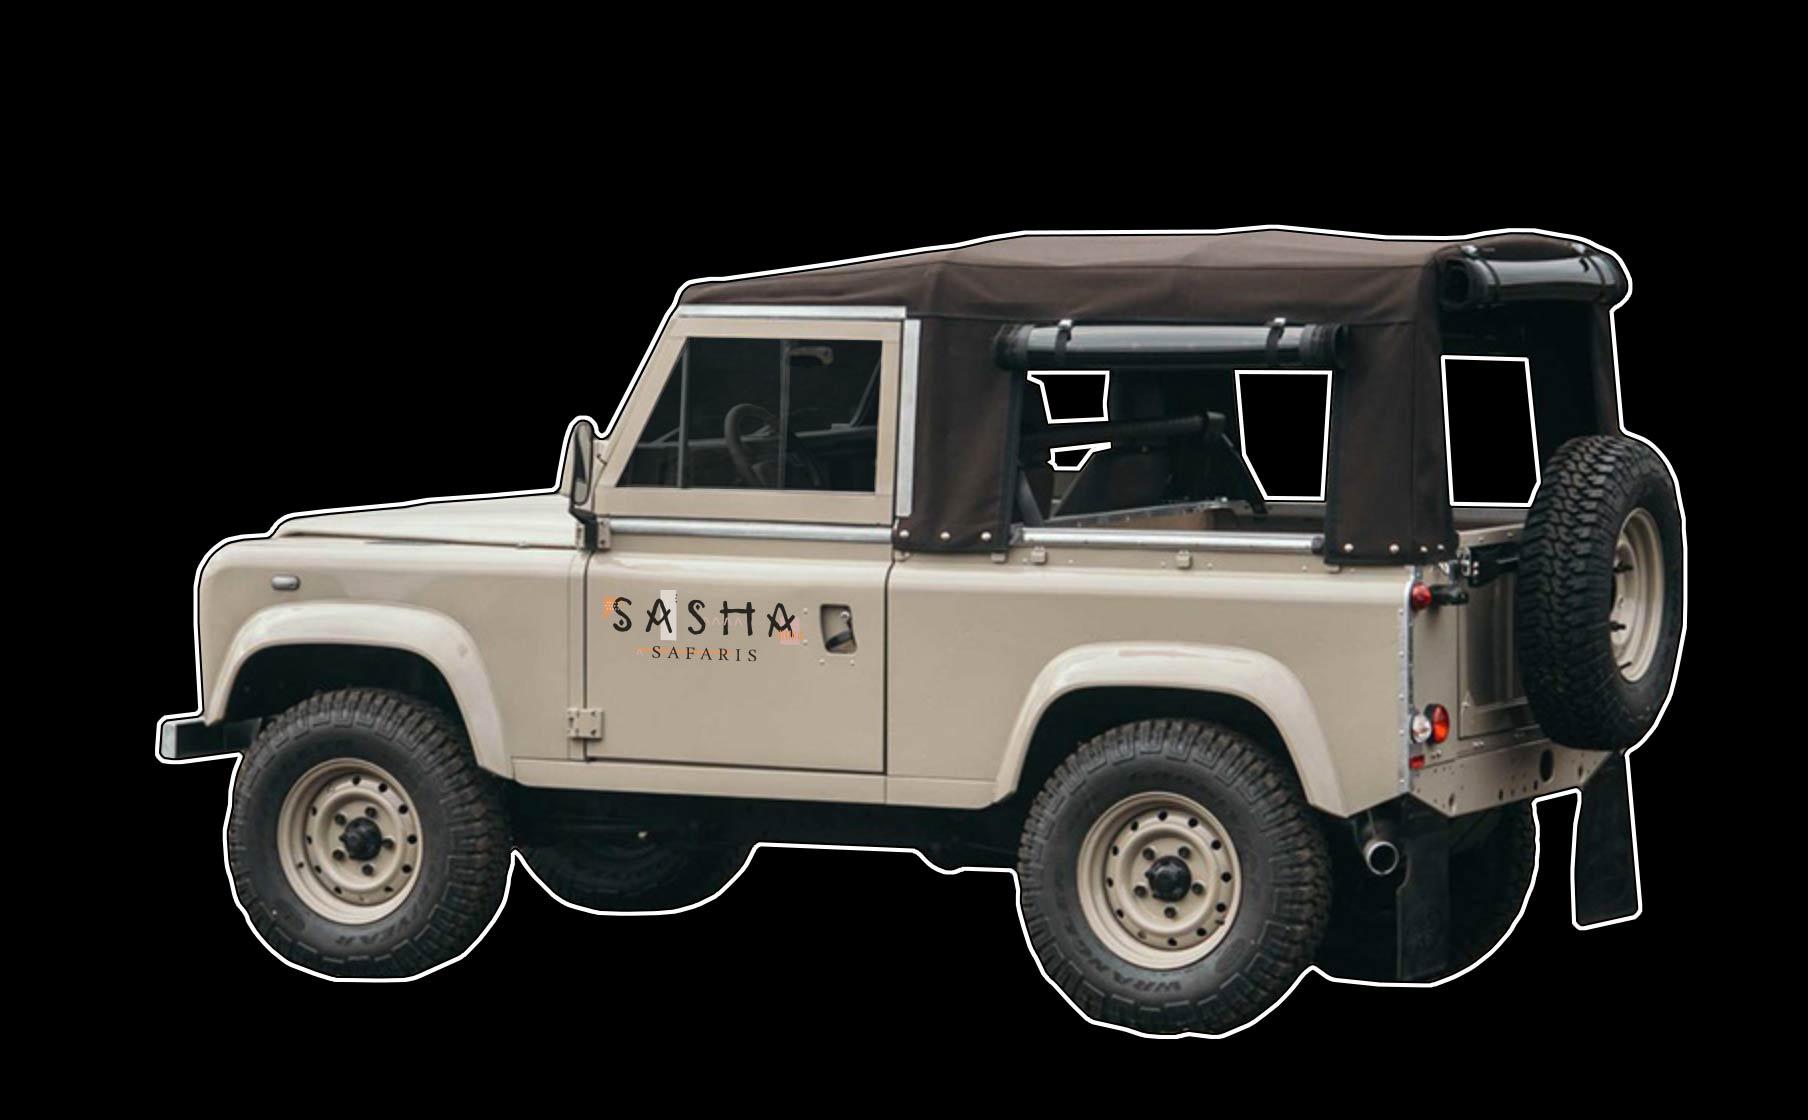 Sasha Safaris Jeep portfolio graphic